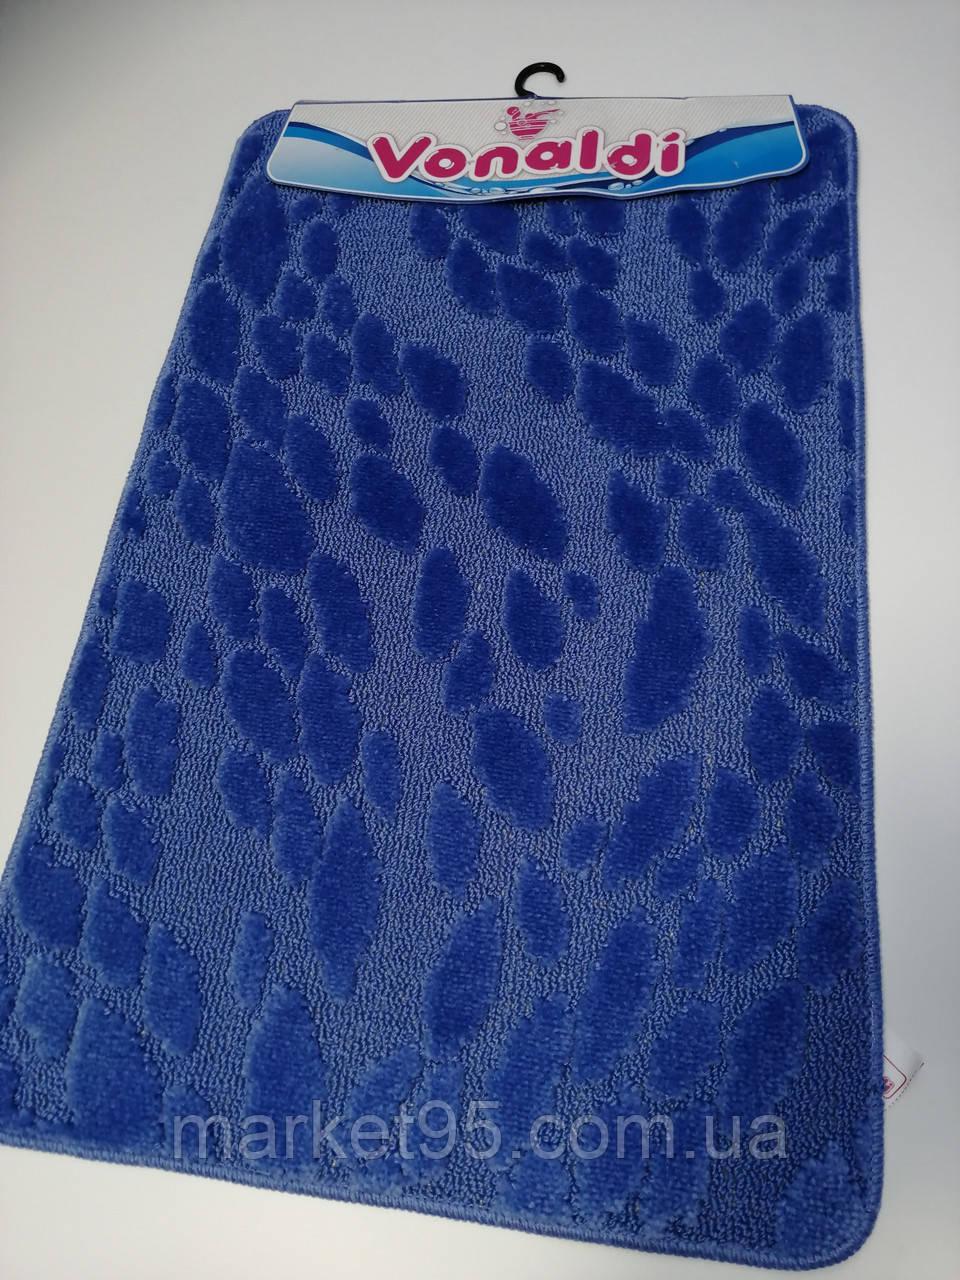 Килимки в ванну і туалет, набір 80*50 Vonaldi синій